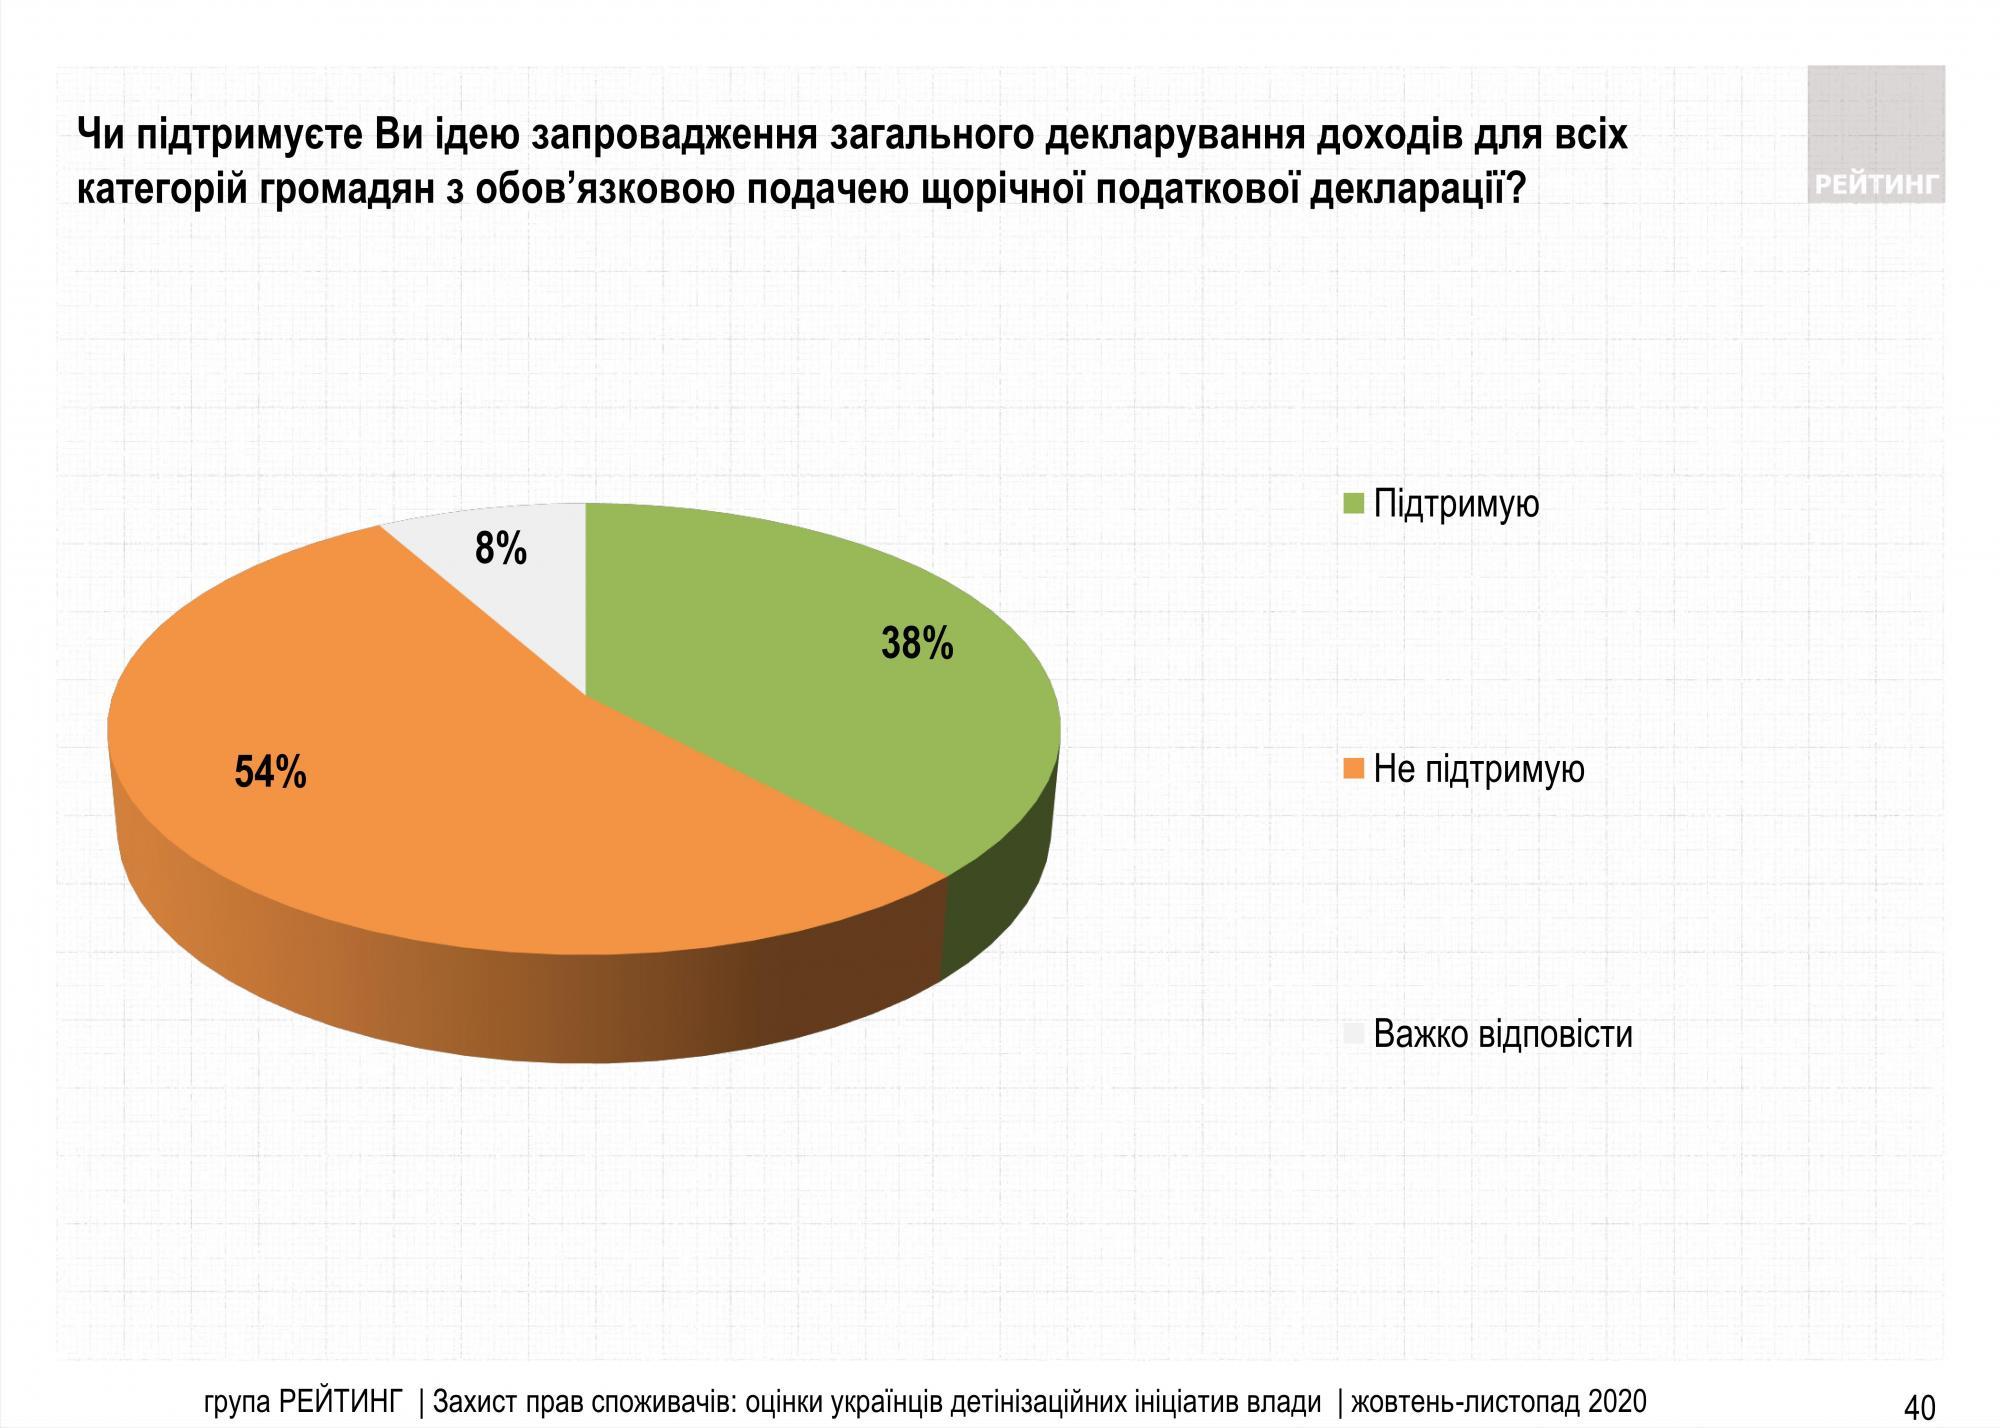 Большинство украинцев против всеобщего декларирования доходов